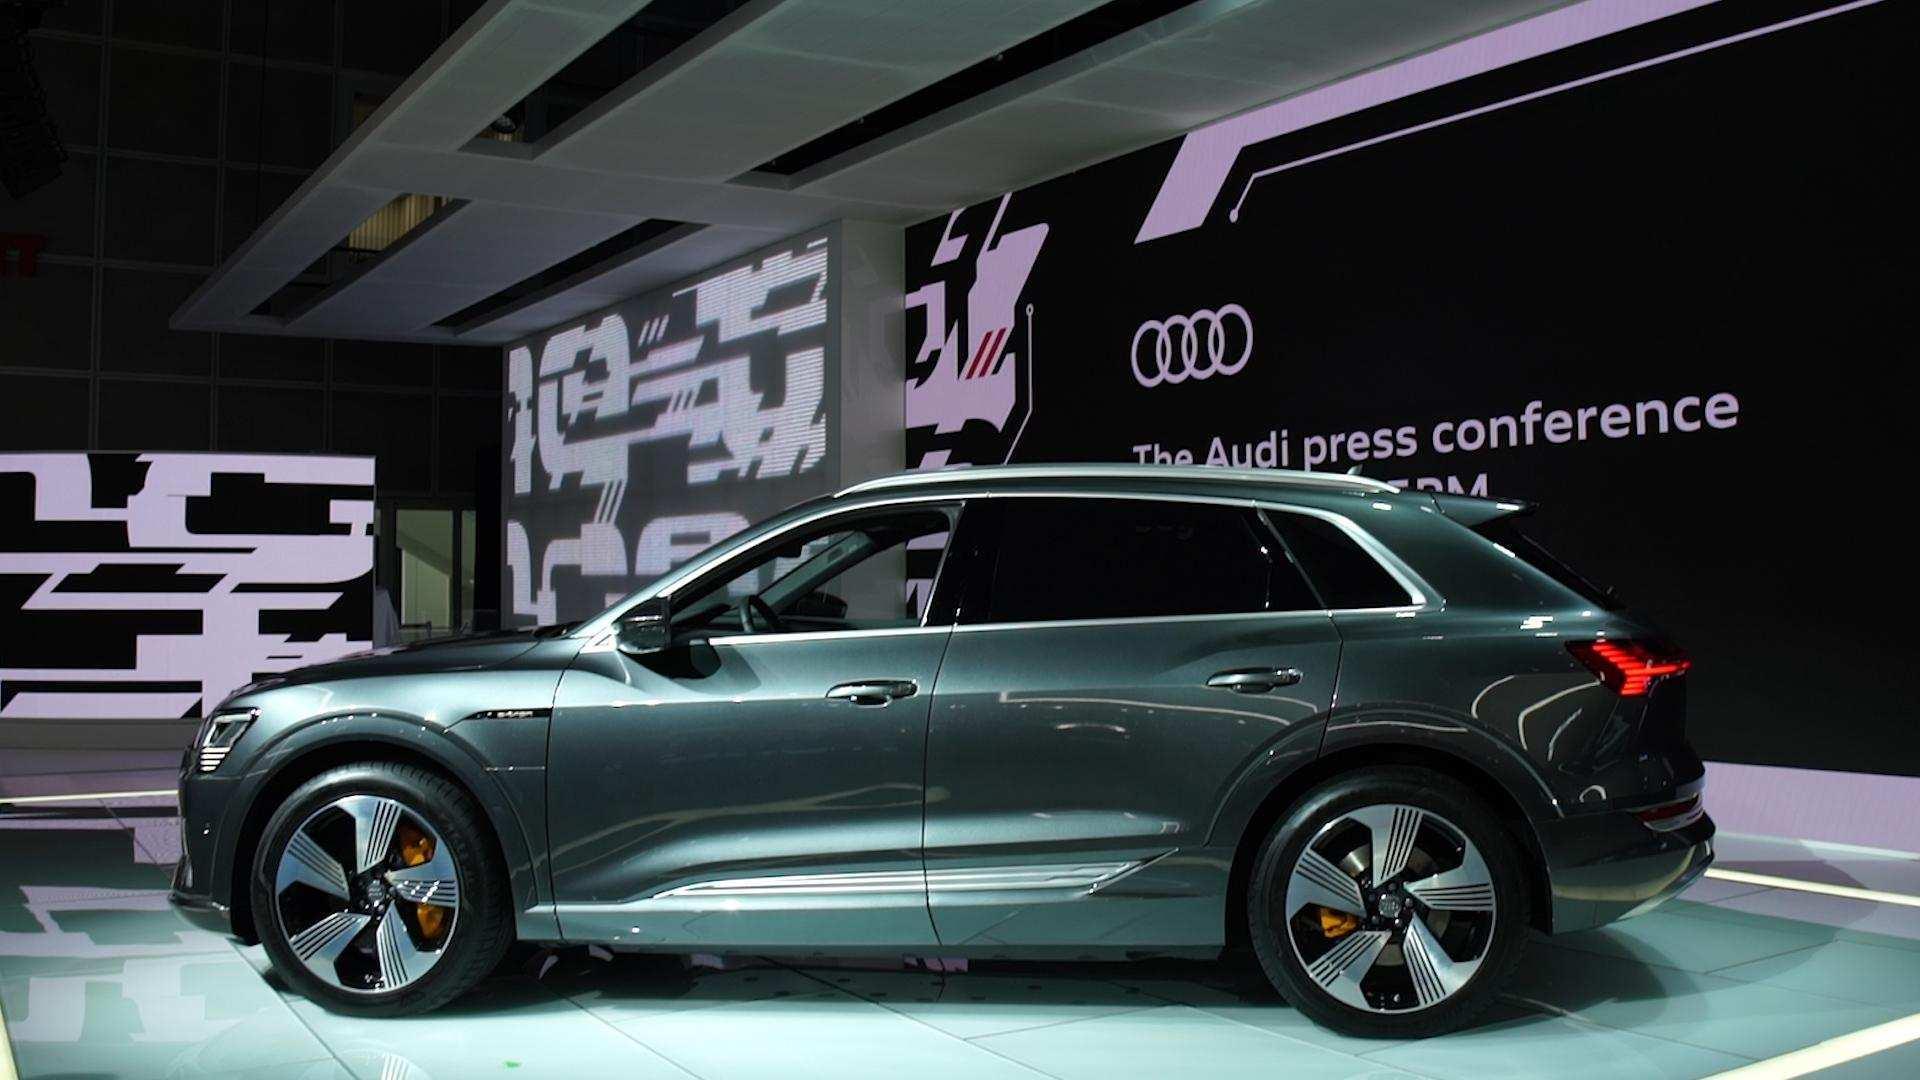 61 Best Review Best Audi City Car 2019 Exterior Redesign by Best Audi City Car 2019 Exterior